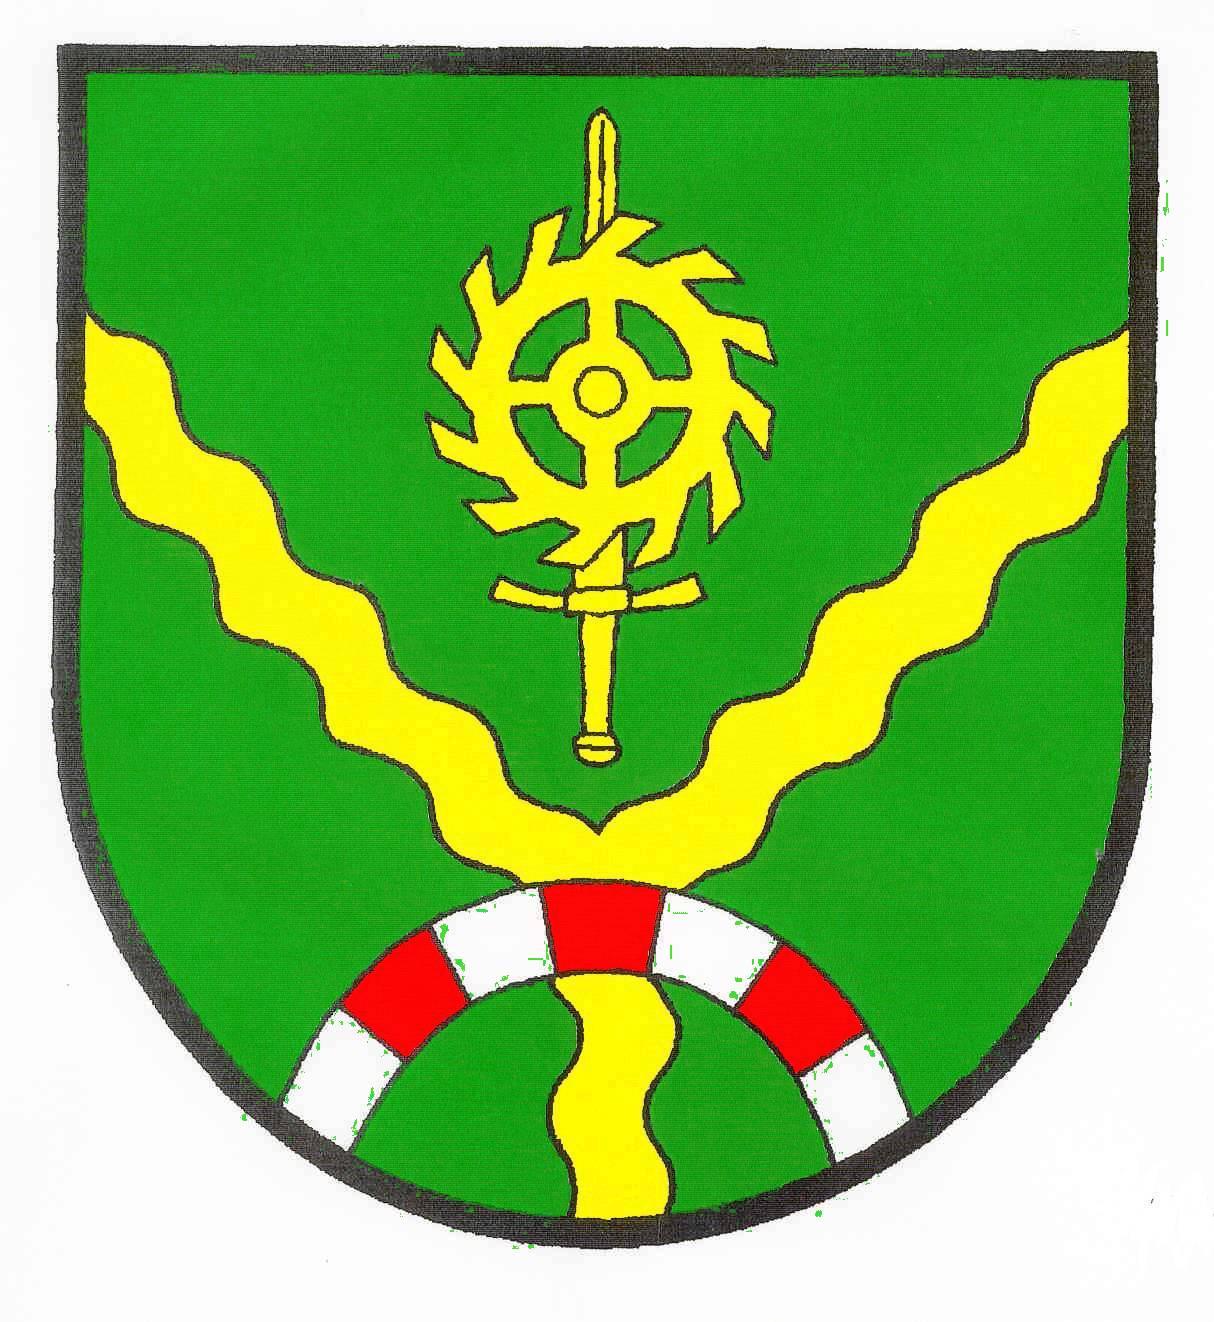 Wappen GemeindeSollerup, Kreis Schleswig-Flensburg